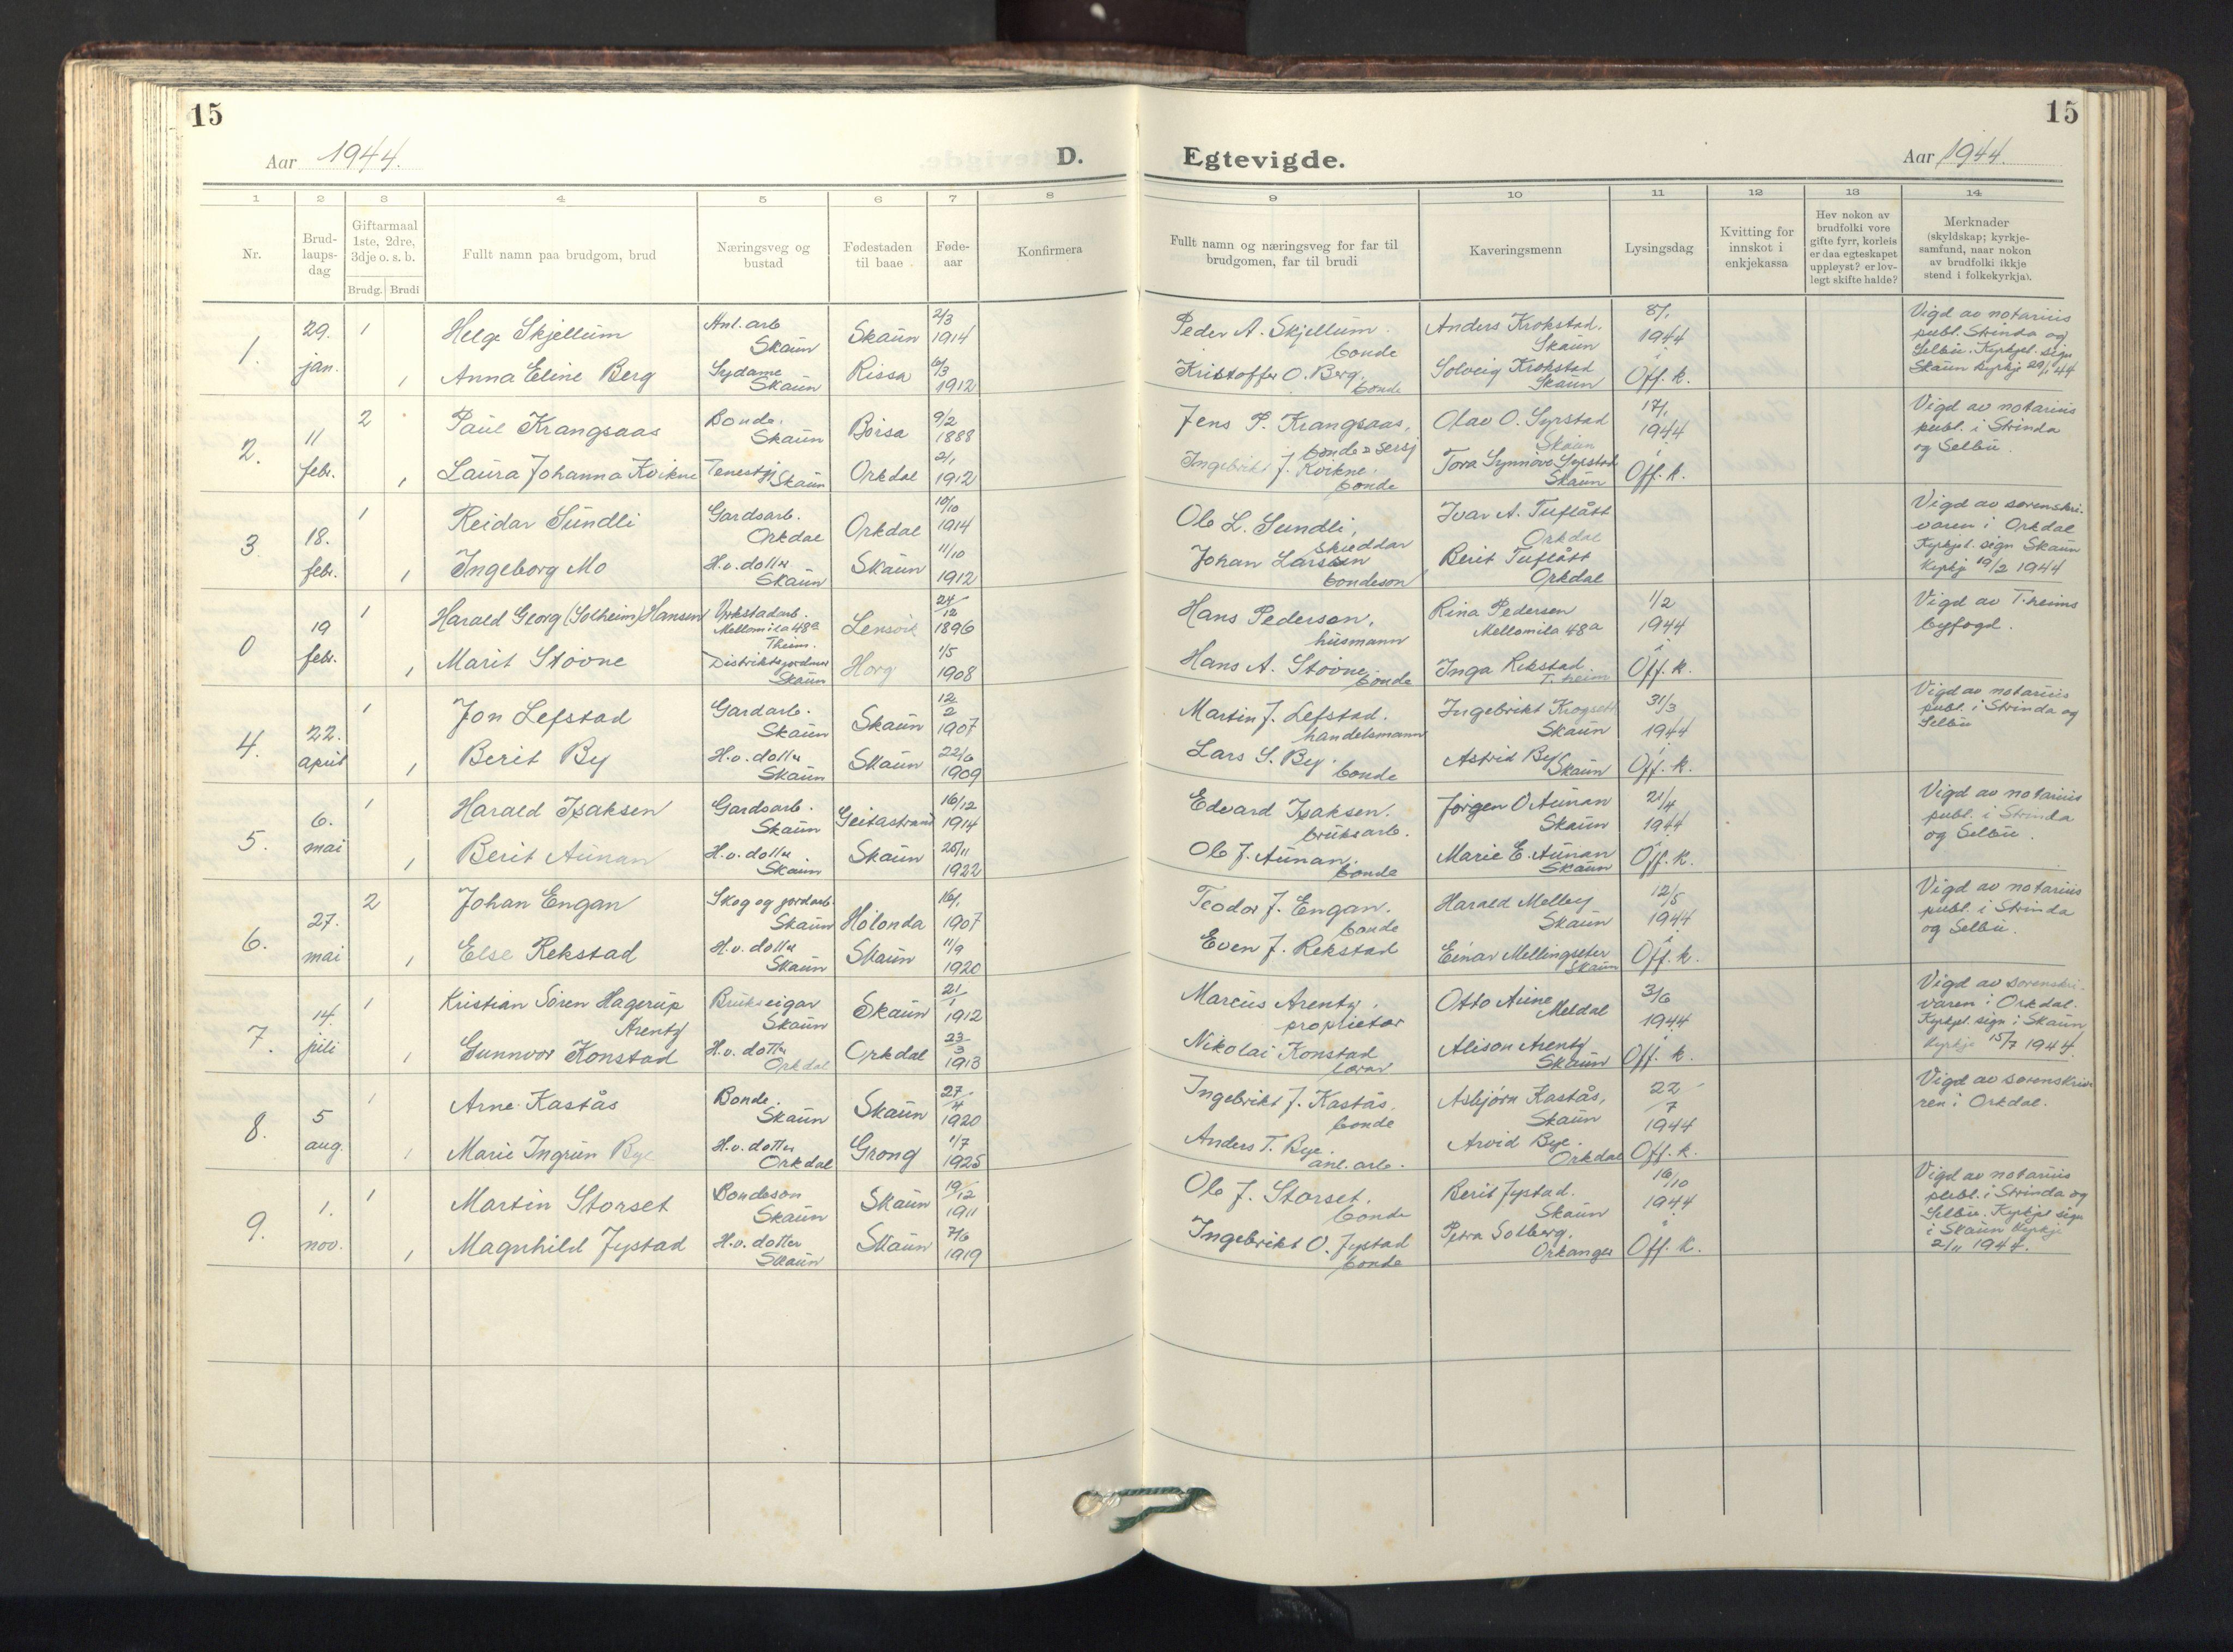 SAT, Ministerialprotokoller, klokkerbøker og fødselsregistre - Sør-Trøndelag, 667/L0799: Klokkerbok nr. 667C04, 1929-1950, s. 15